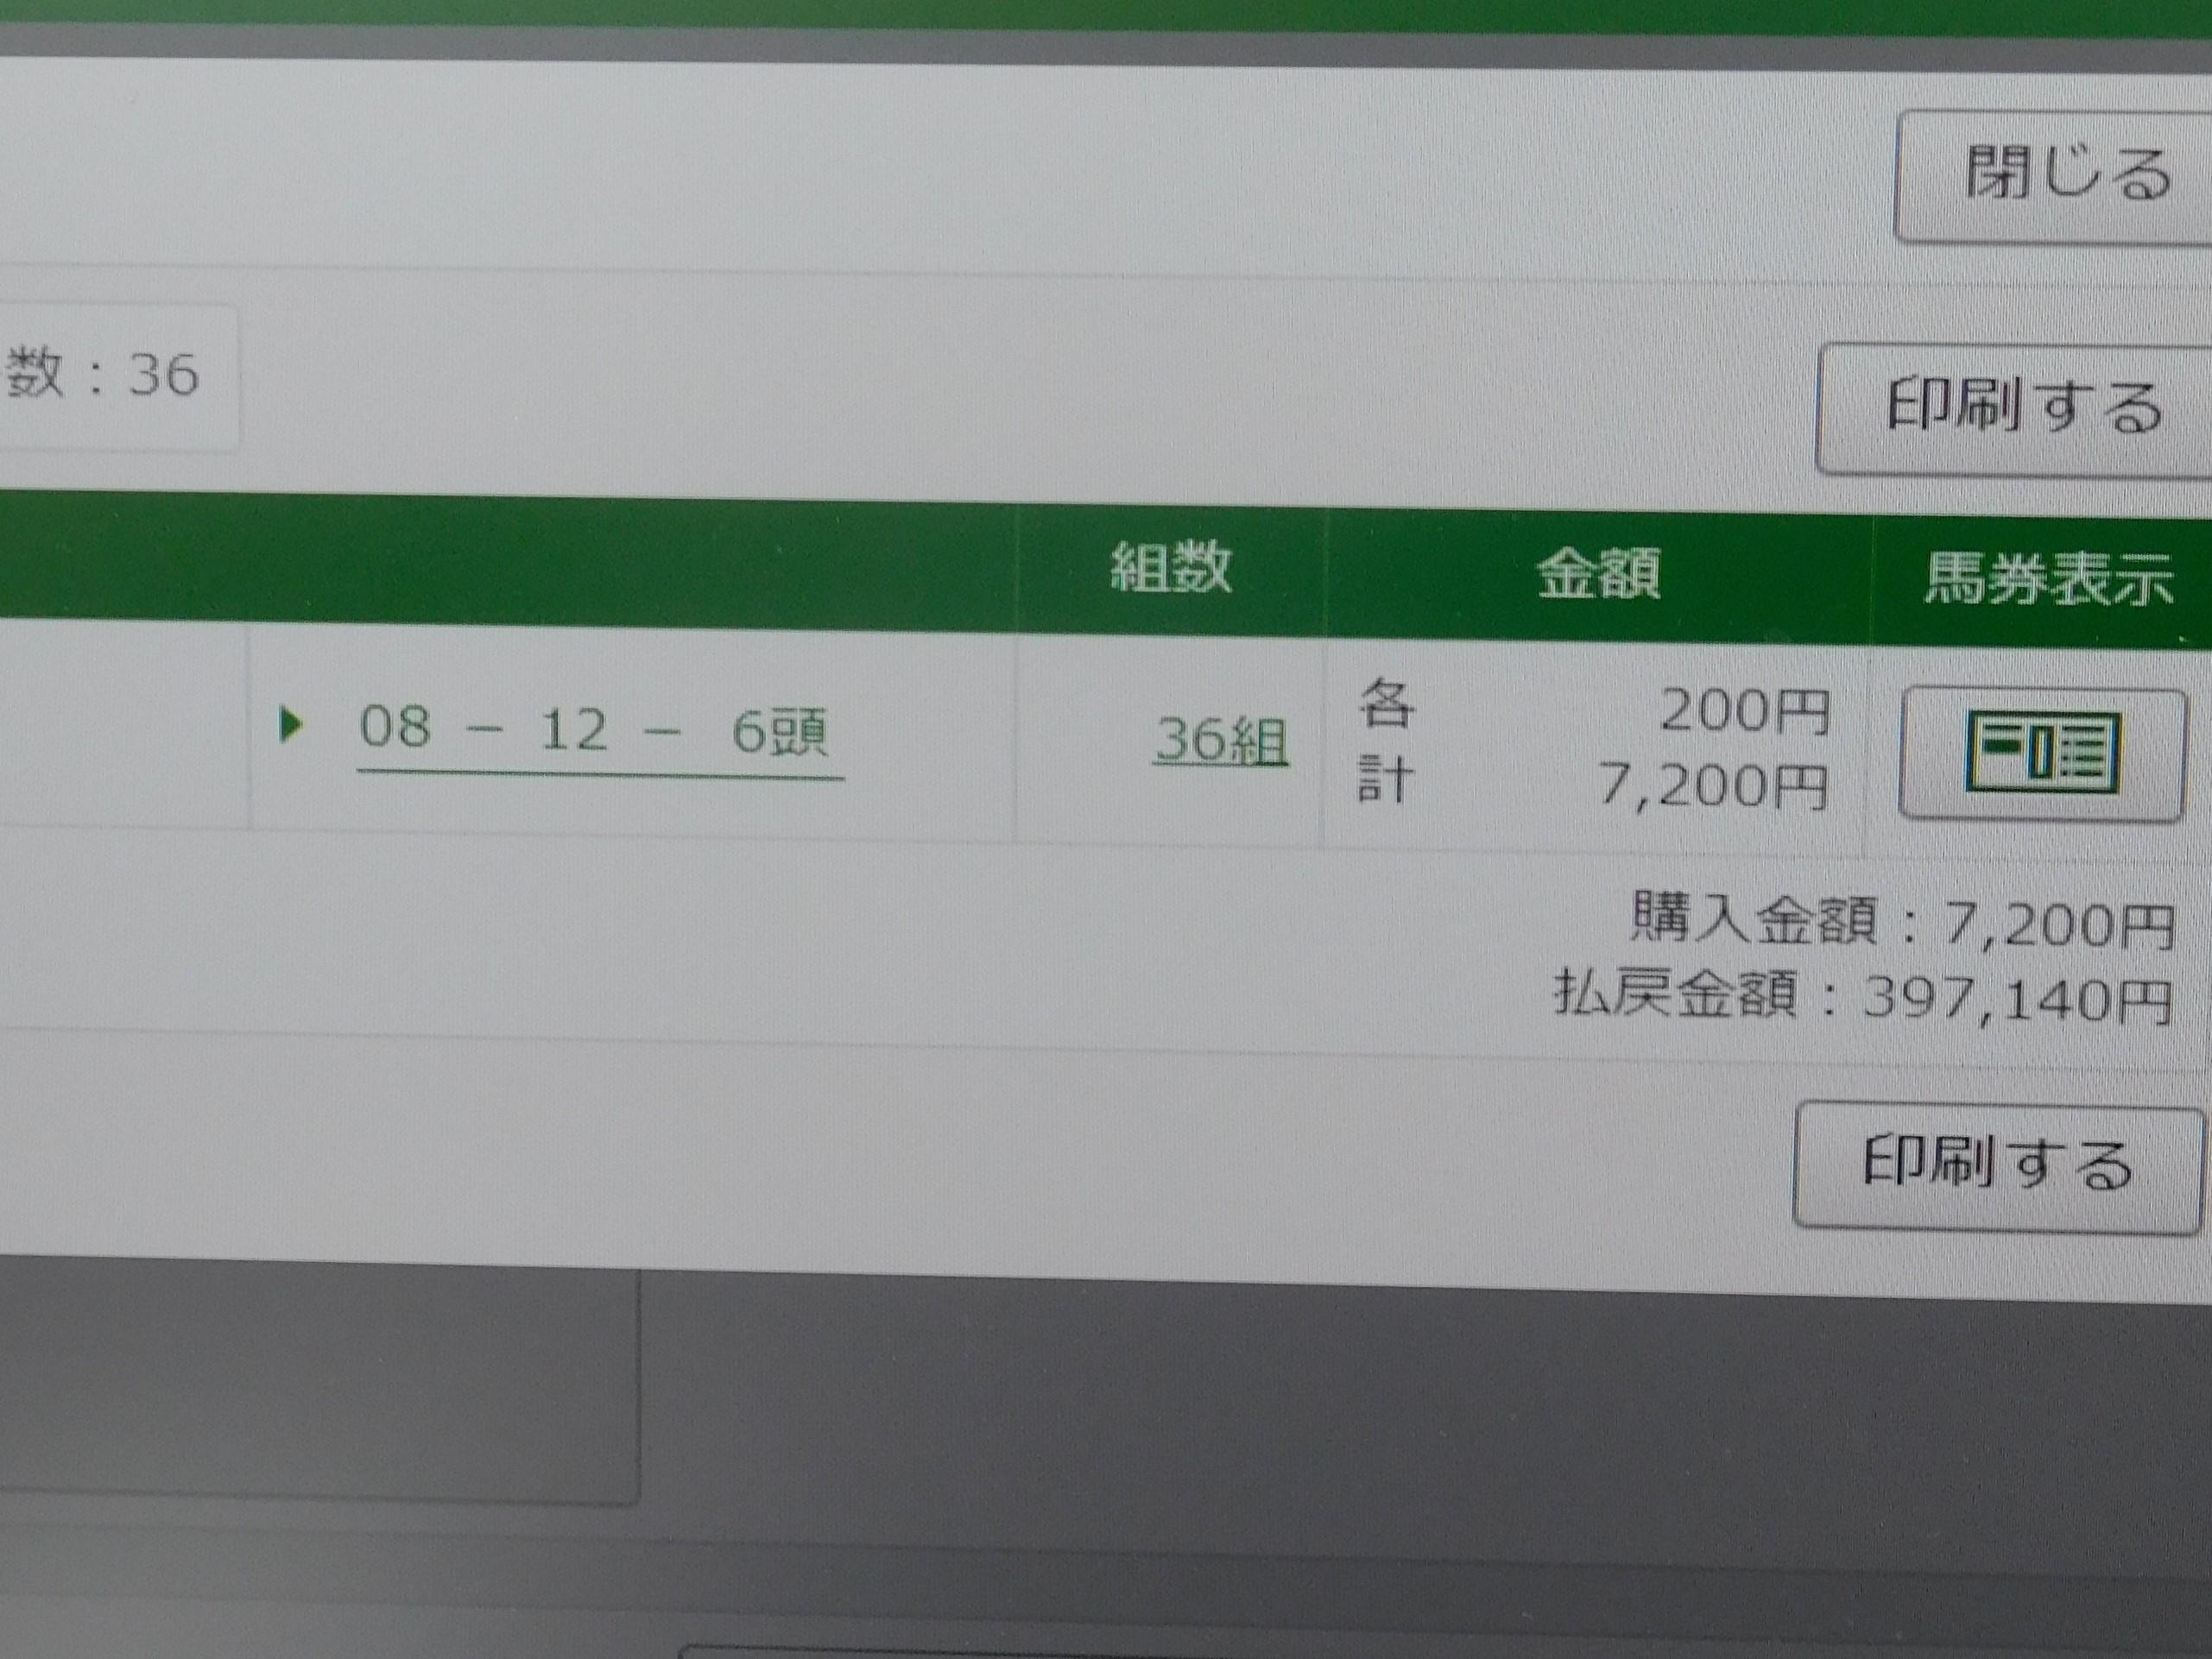 馬券39万円 (2)